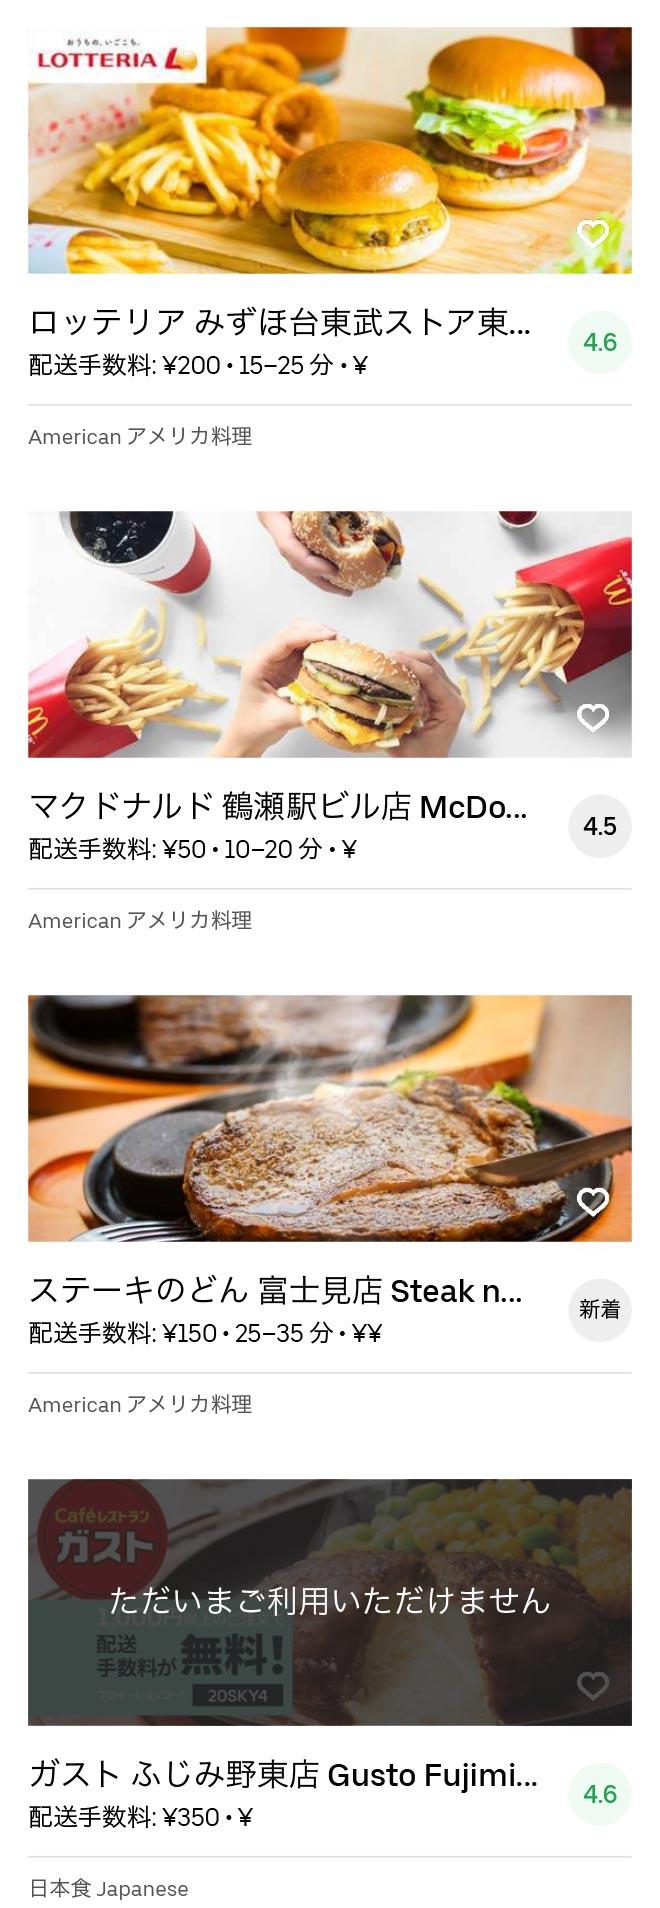 Fujimi tsuruse menu 2004 05